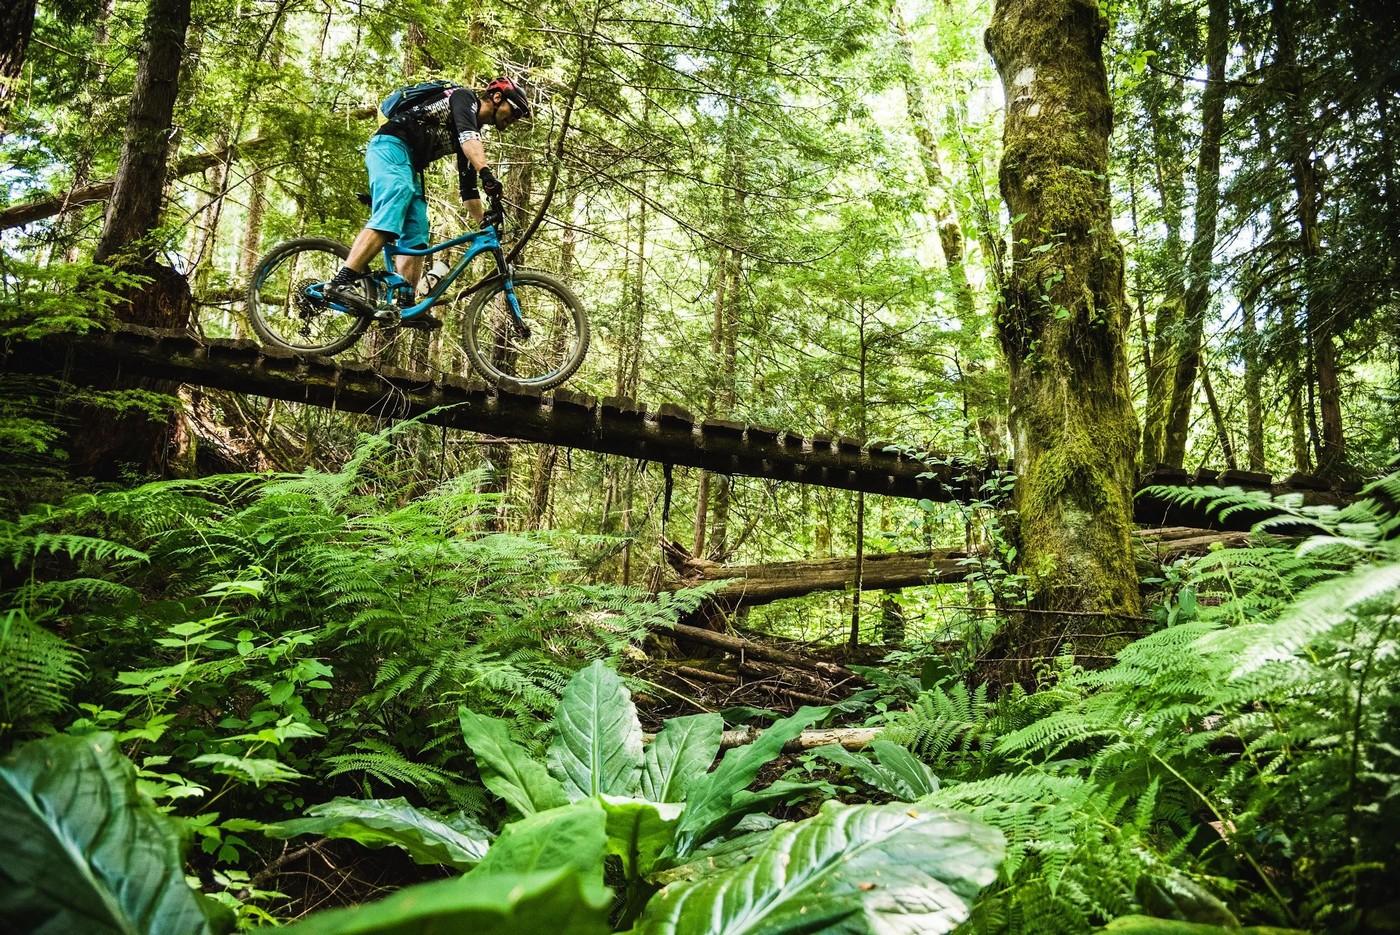 שורשים, סלעים, וגשרי עץ - יום טיפוסי ב-BCBR Todd Weselake :תמונה